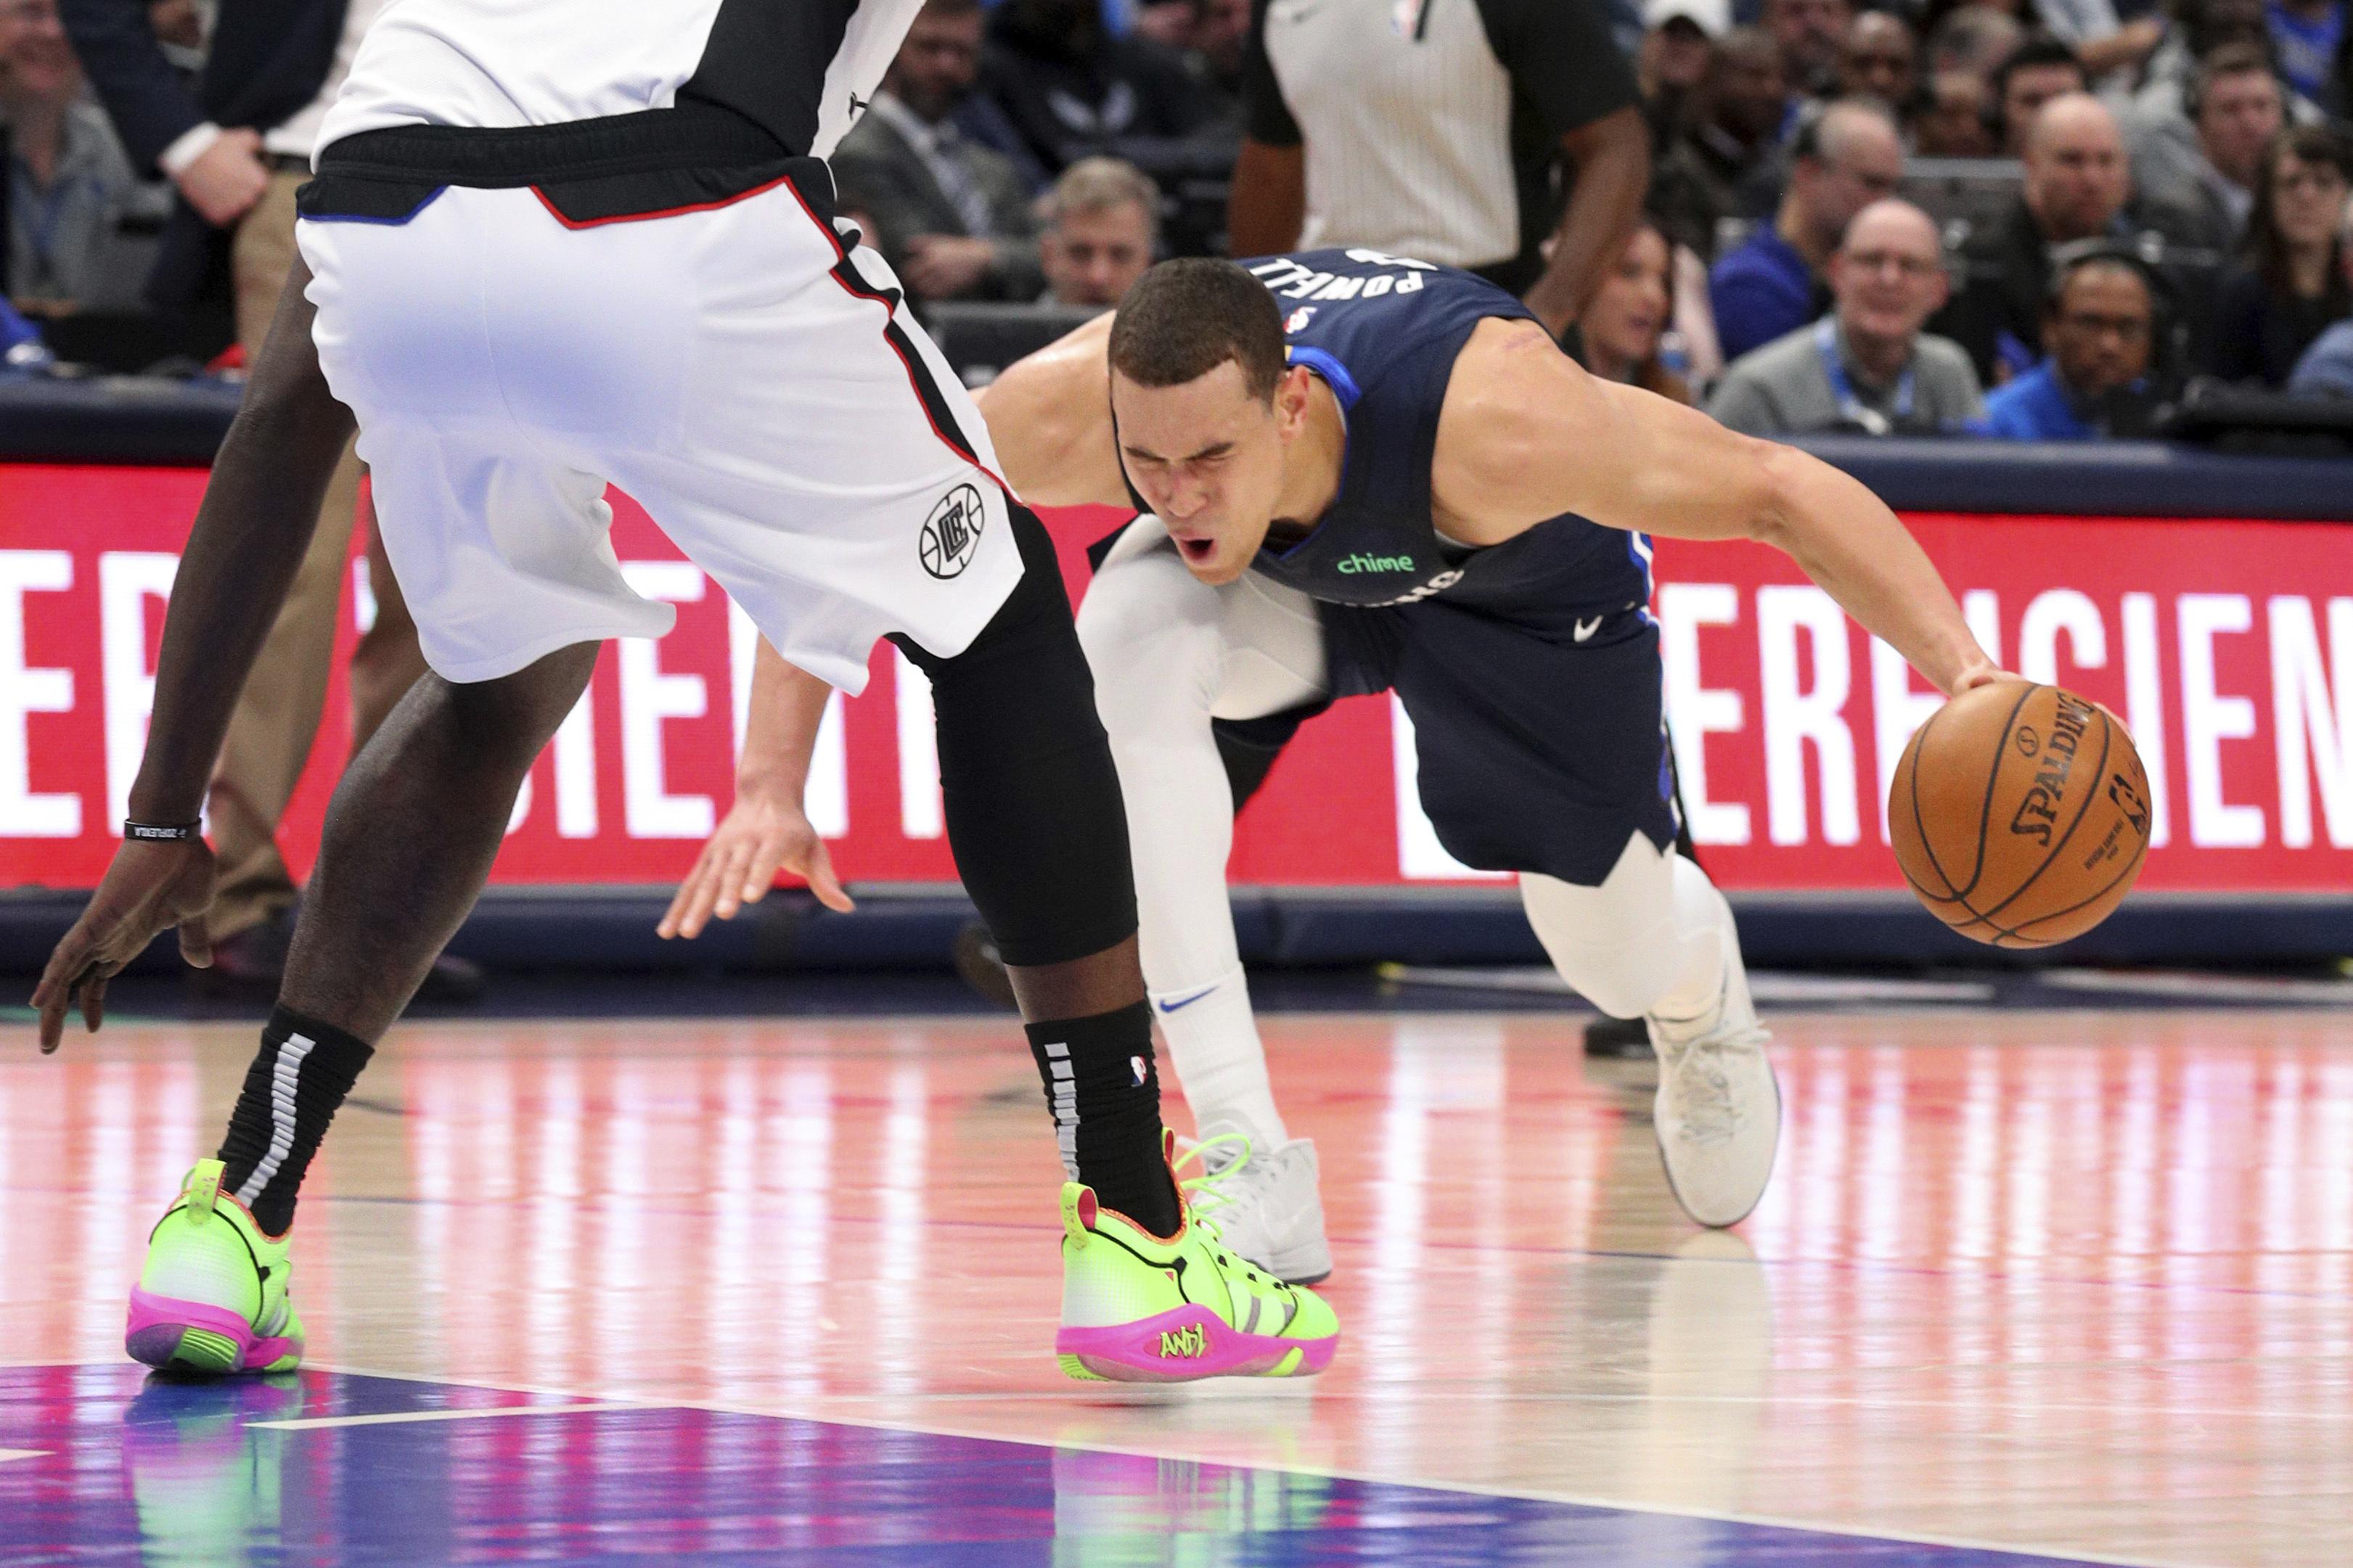 Mavericks fear 'severe' Achilles injury for center Powell